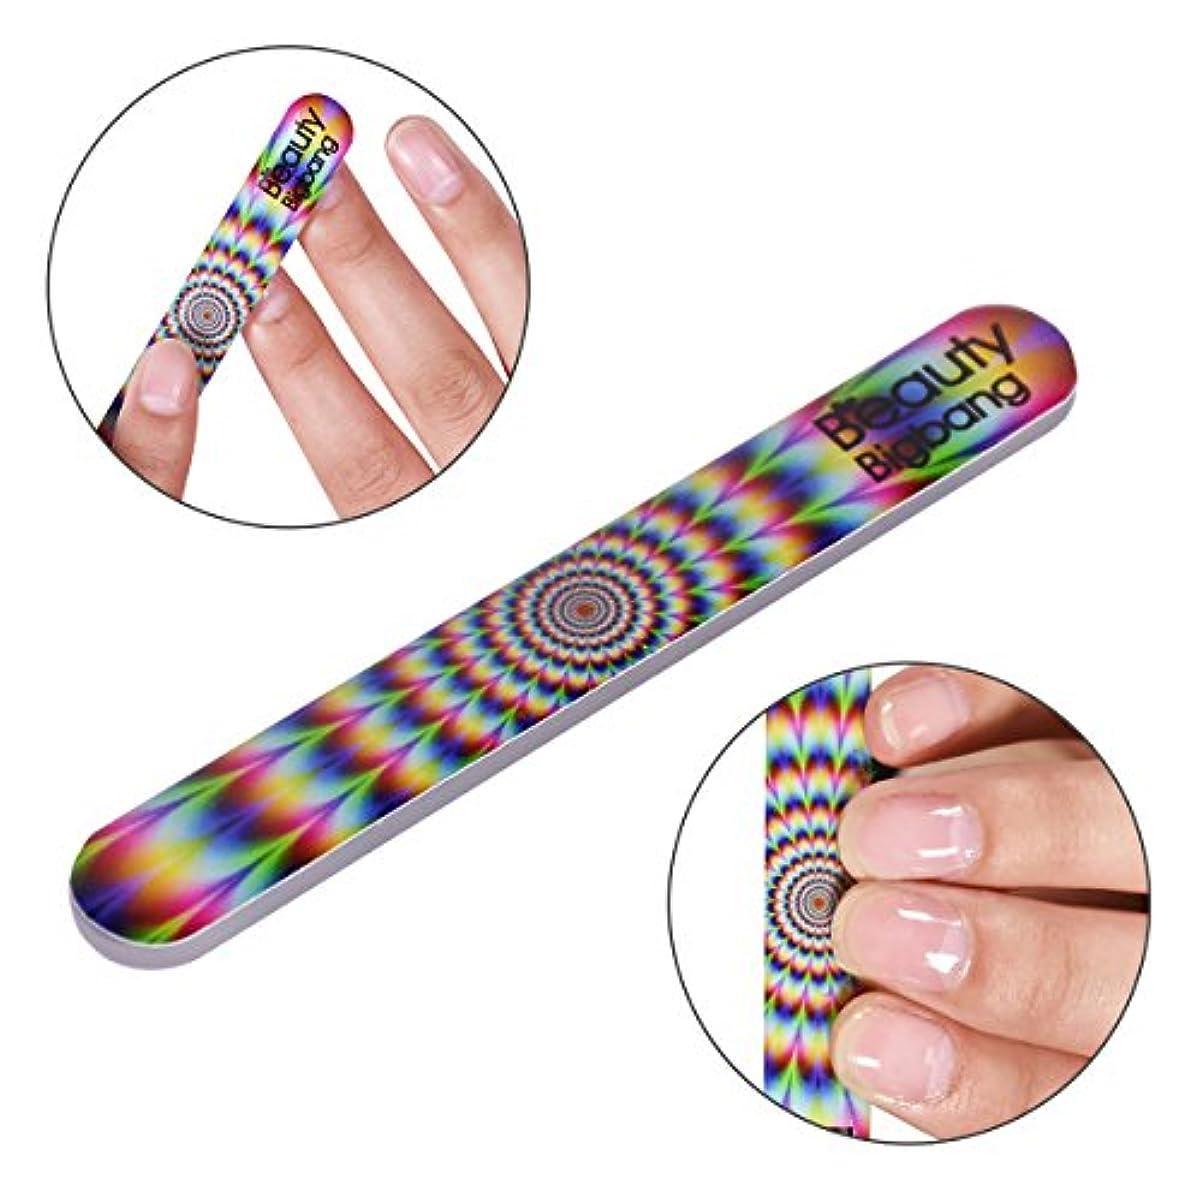 映画証明書ベルAMAA ネイルシャイナー ヌードネイル 爪やすり 爪磨き ガラス ネイルファイル ピカピカ ネイルケア